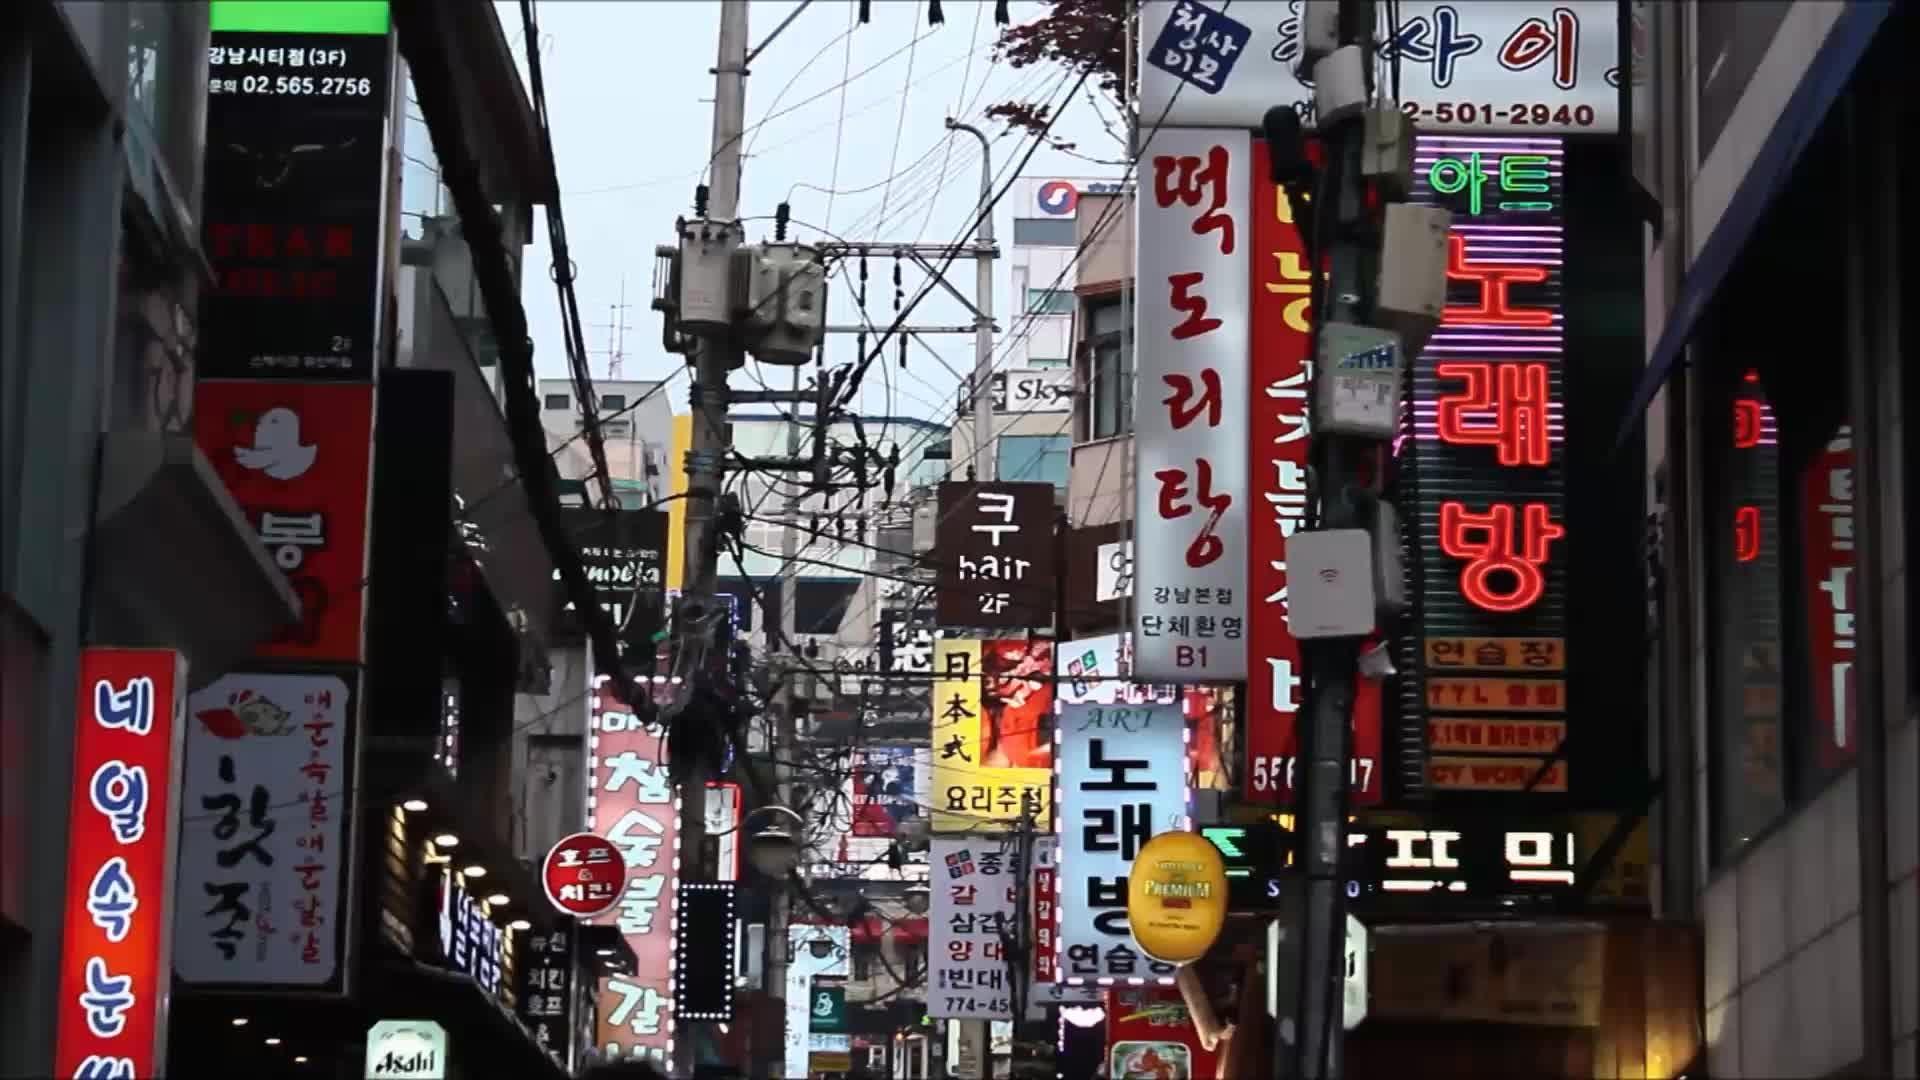 [저작권없는] 서울/시내/강남 네온사인/간판 영상